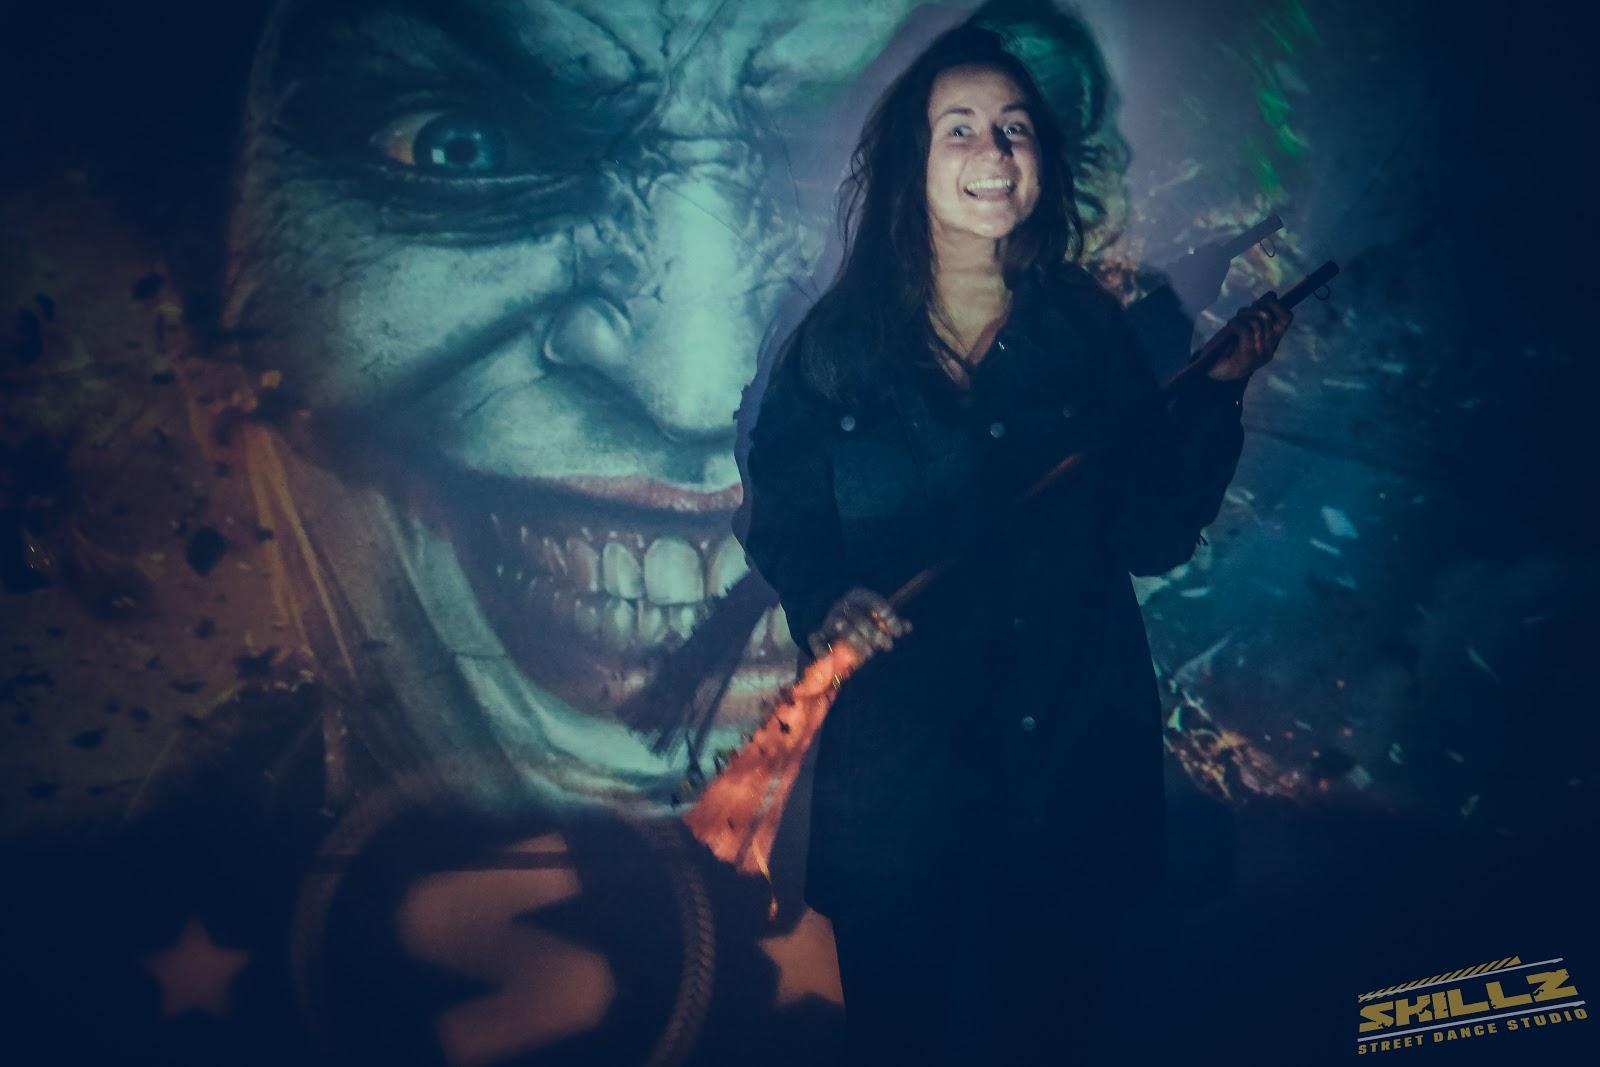 Naujikų krikštynos @SKILLZ (Halloween tema) - PANA1708.jpg